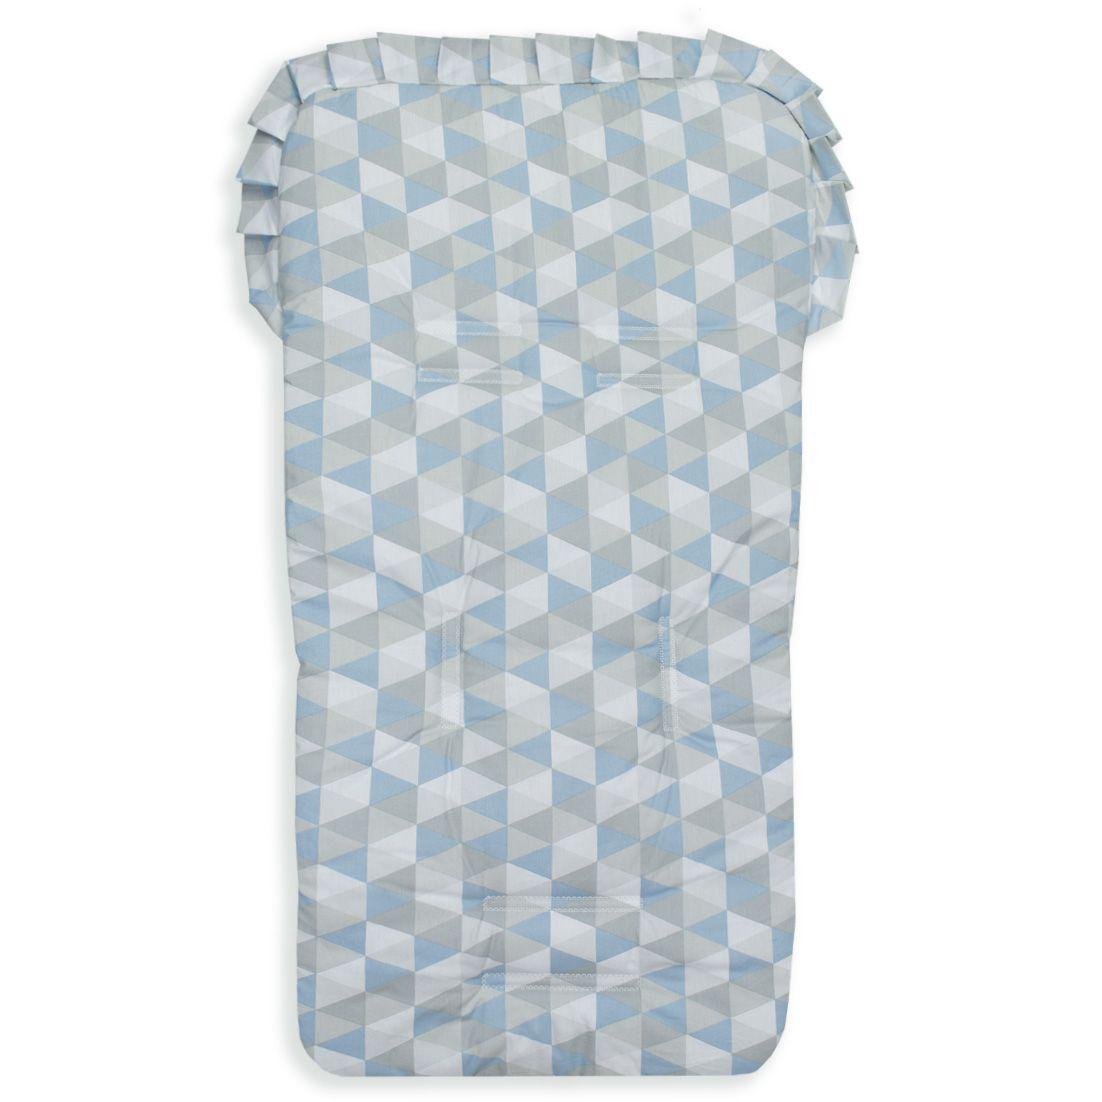 Capa para Carrinho - Losango Azul